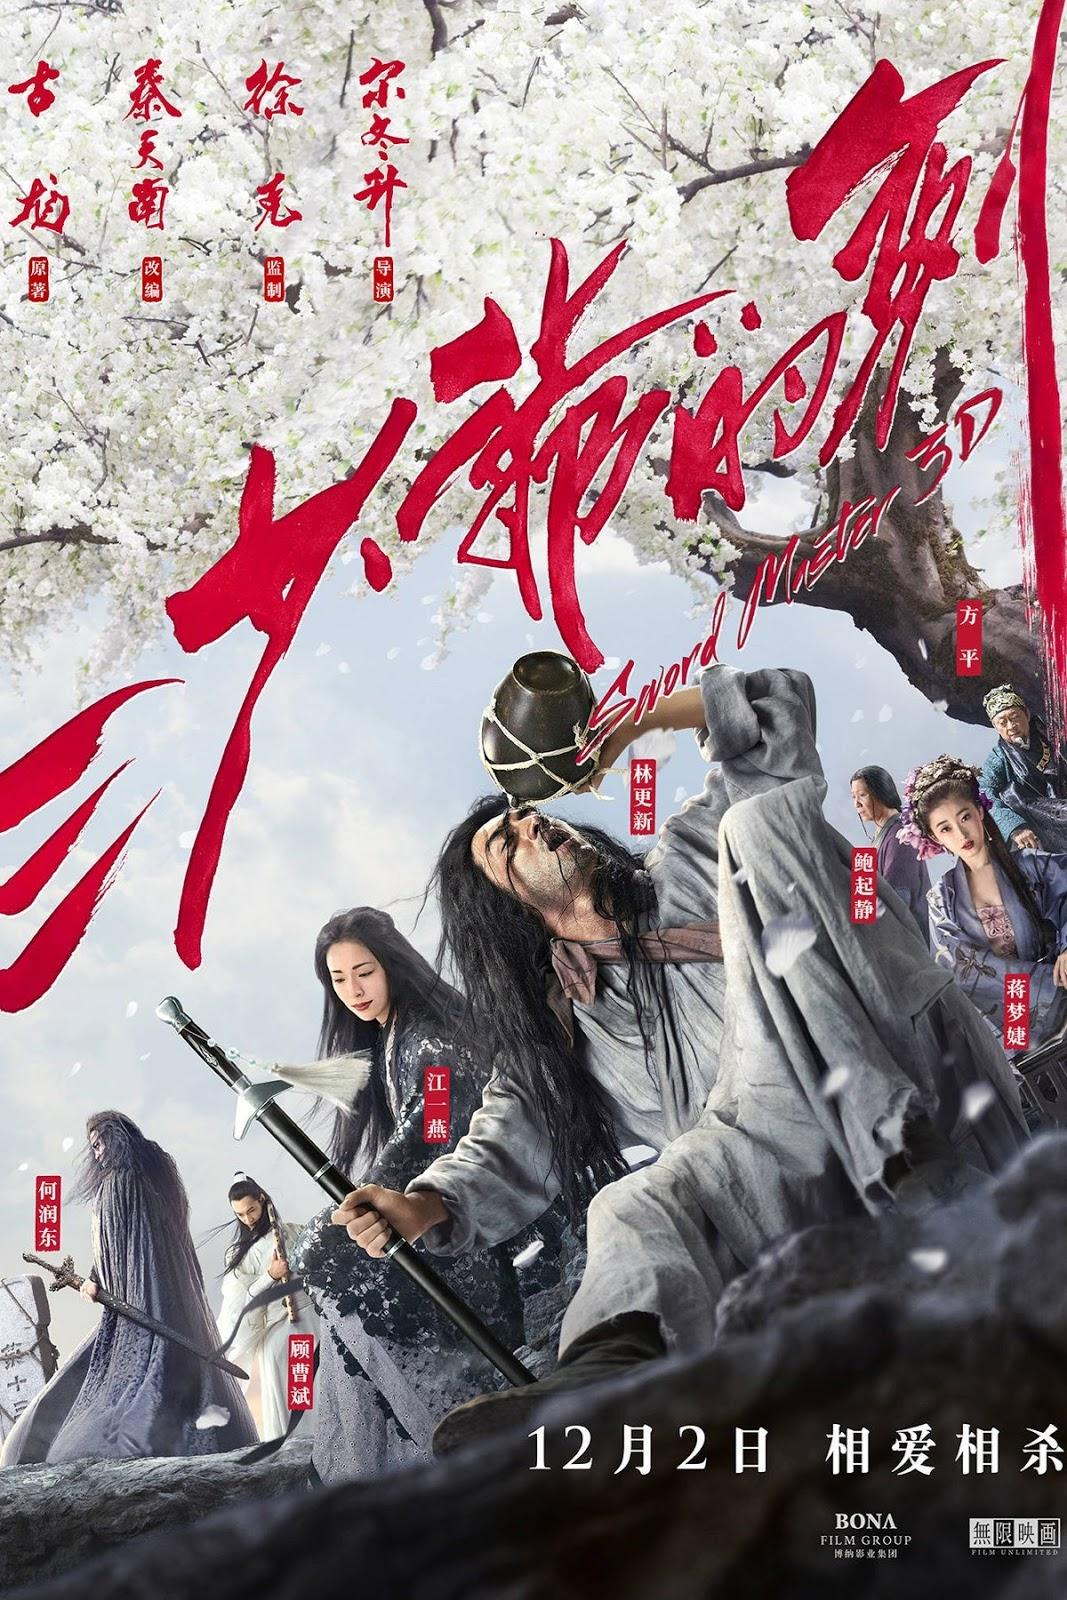 Nonton Sword Master (San shao ye de jian) 2016 sub indo